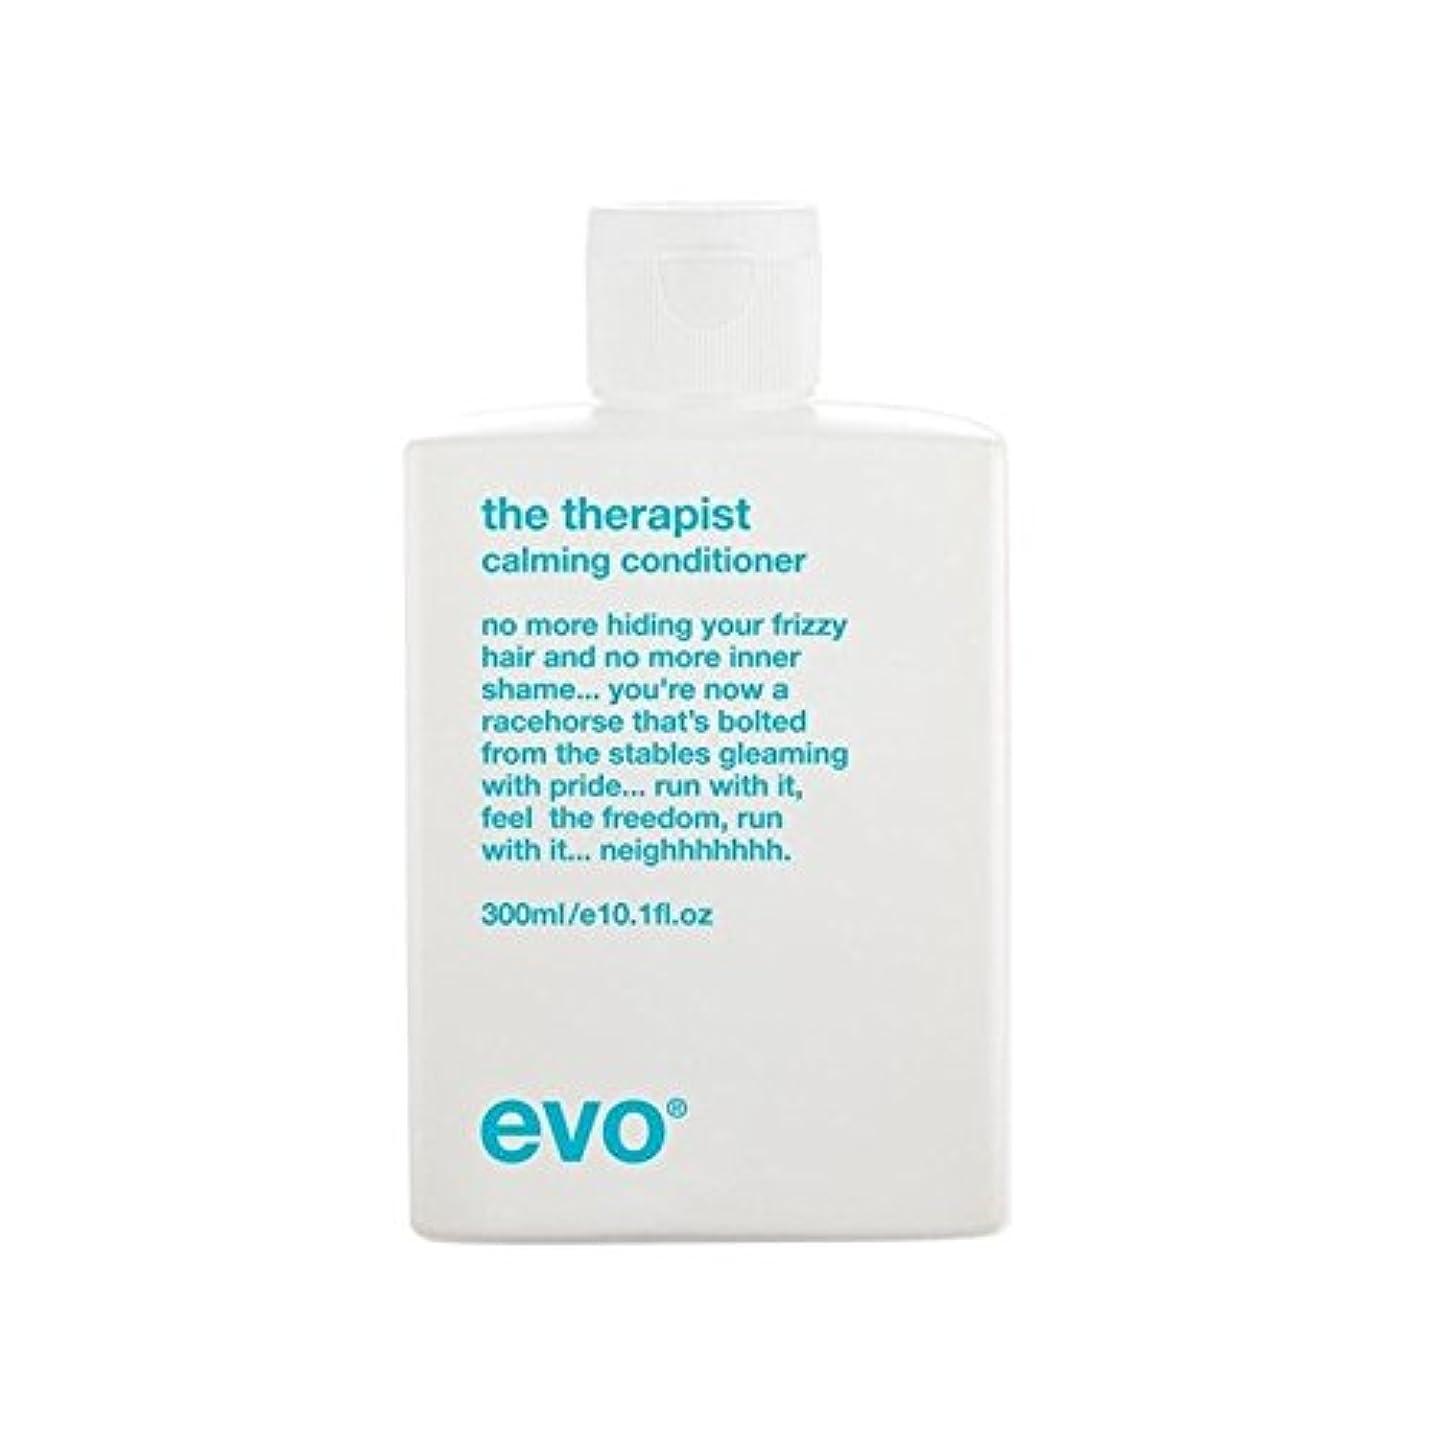 鳴らすかろうじて居間セラピスト沈静コンディショナー(300ミリリットル) x2 - Evo The Therapist Calming Conditioner (300ml) (Pack of 2) [並行輸入品]